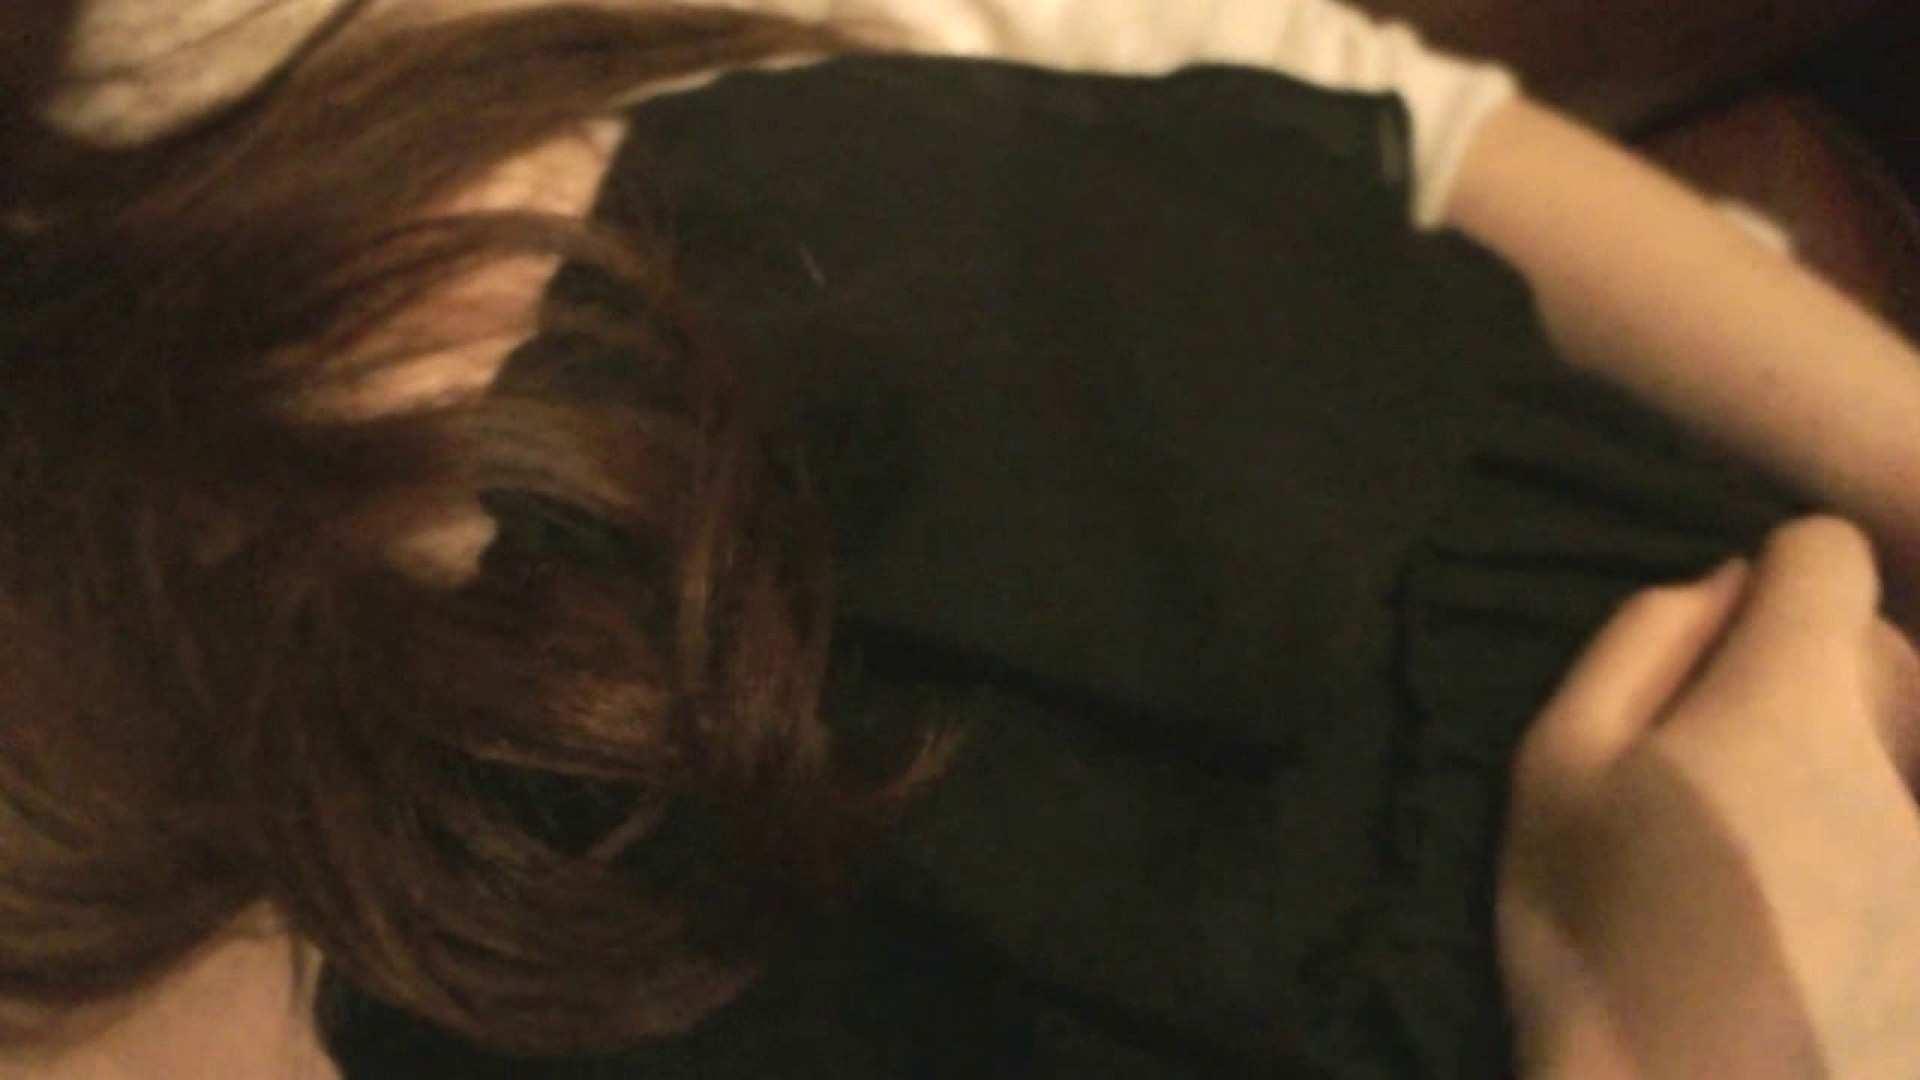 魔術師の お・も・て・な・し vol.10 19歳女子大生にカラオケでイタズラ 萌え女子大生  79連発 48